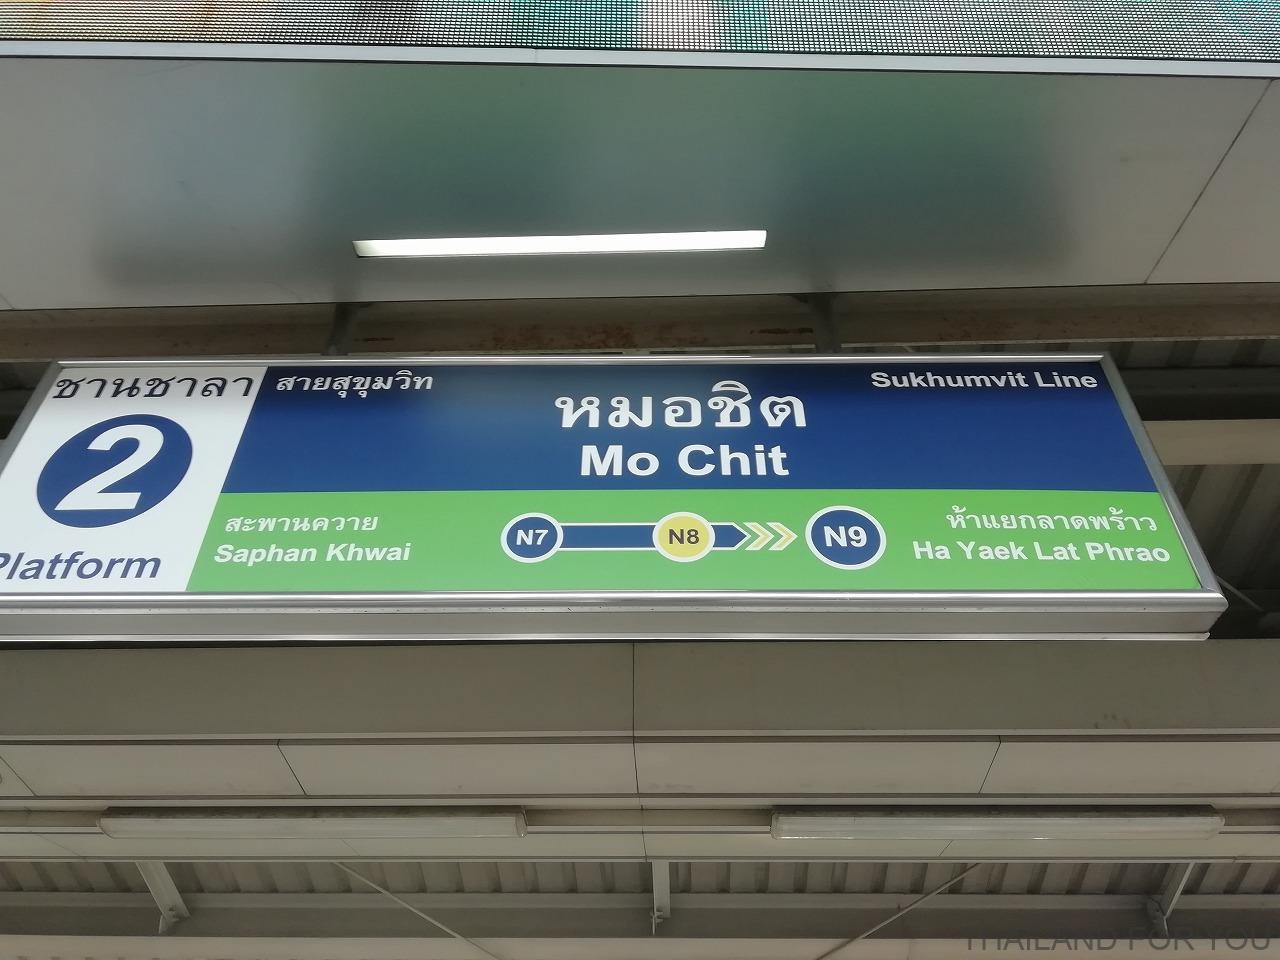 モーチット駅 Mo Chit